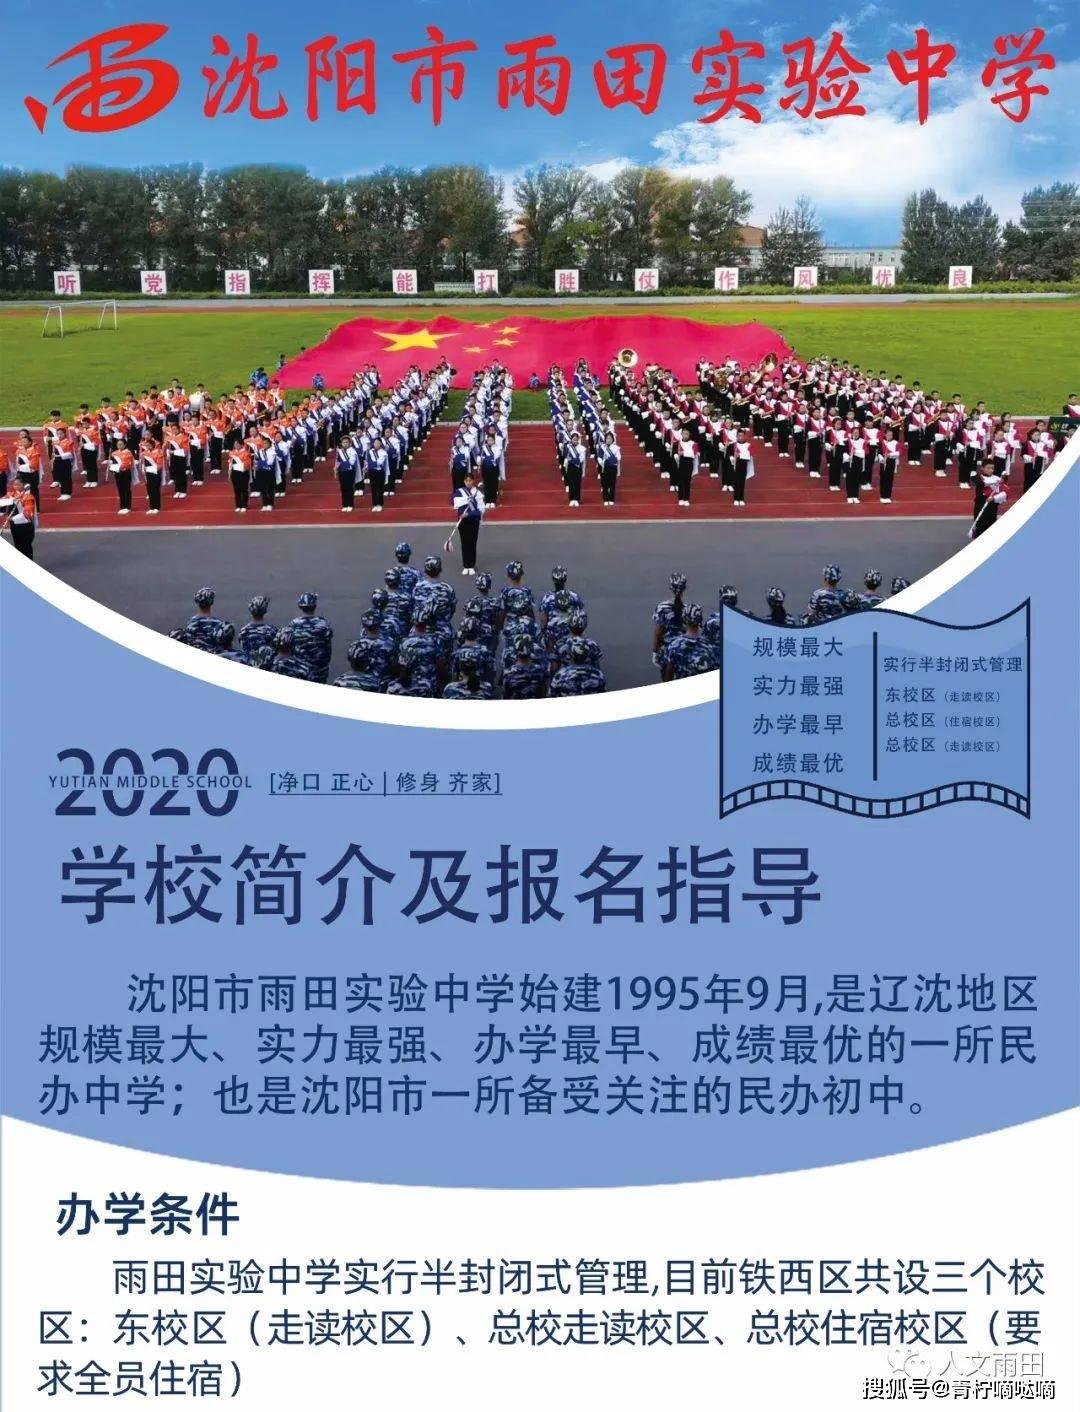 沈阳市雨田实验中学2020年招生简章及报名指导!